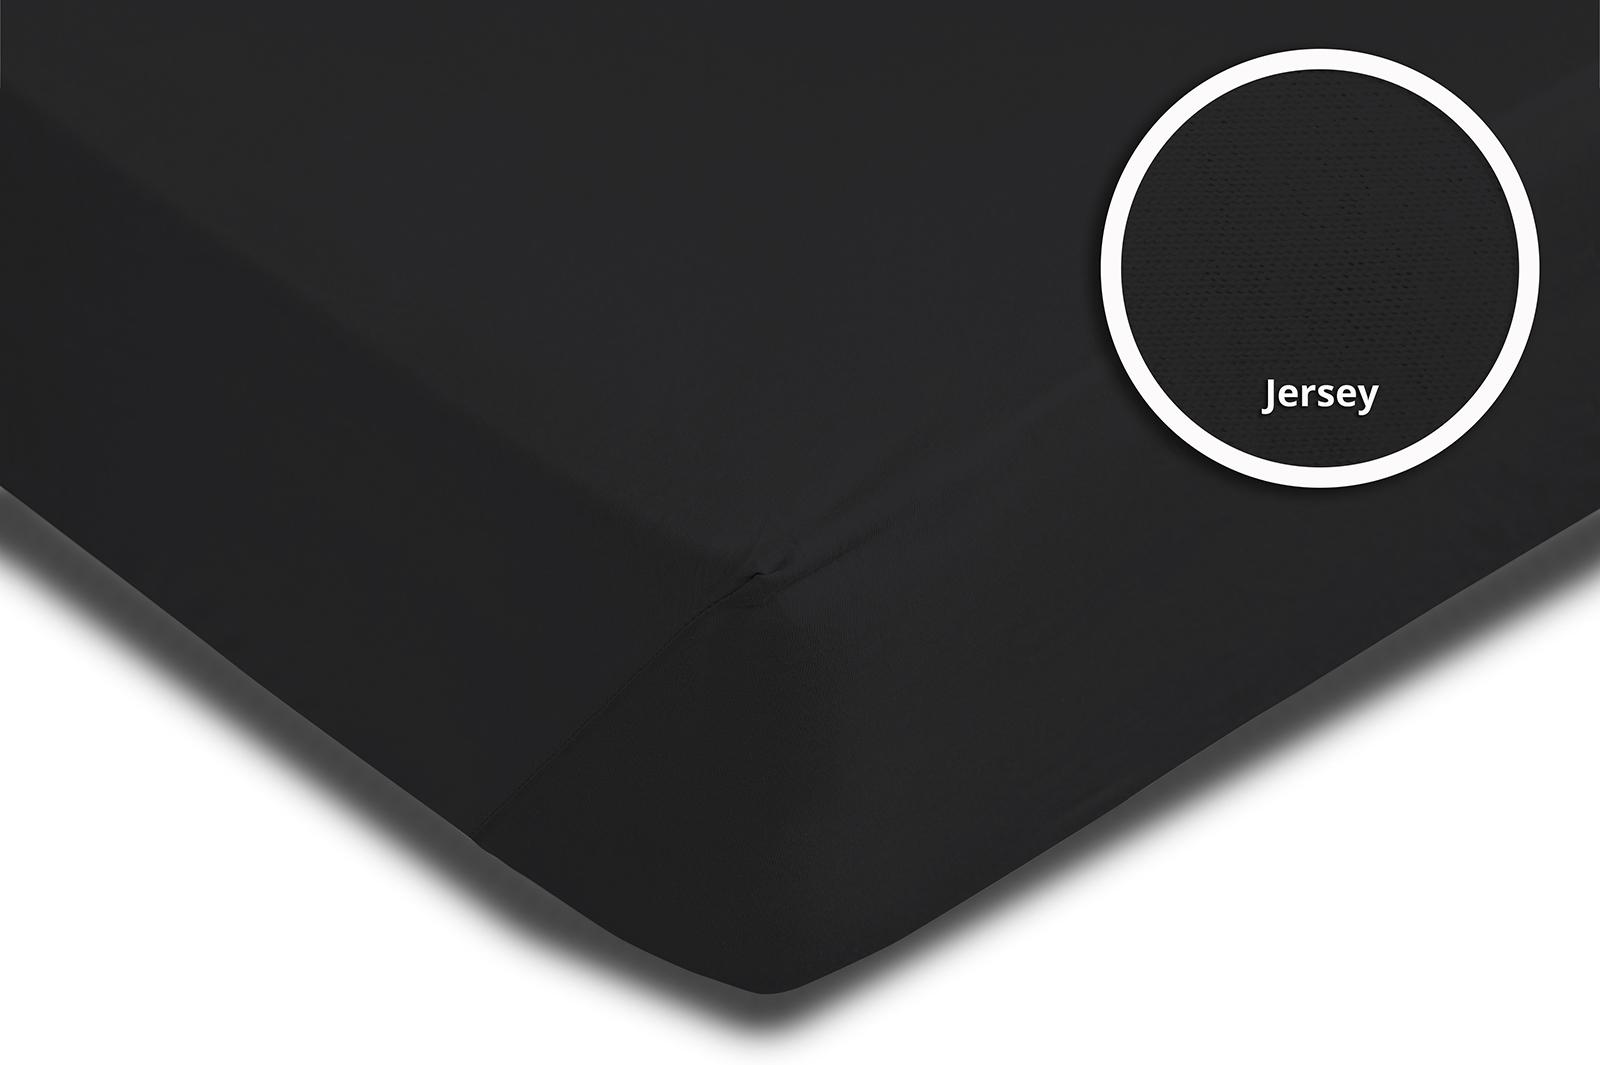 topper spannbettlaken bettlaken schwarz 180x200 cm 200x200 cm jersey baumwolle spannbettlaken. Black Bedroom Furniture Sets. Home Design Ideas